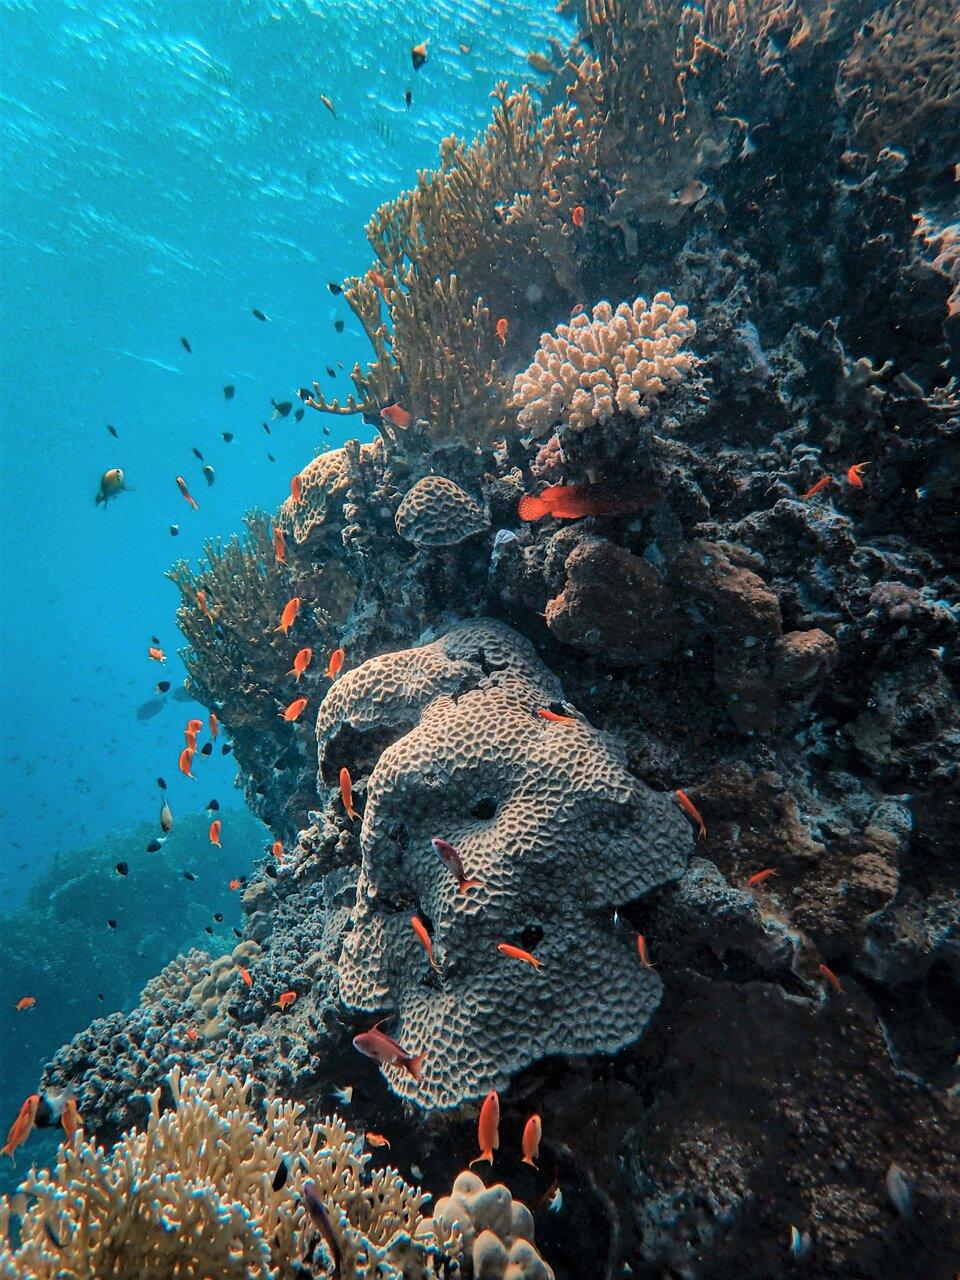 Ocean acidification weakens coral reef skeletons